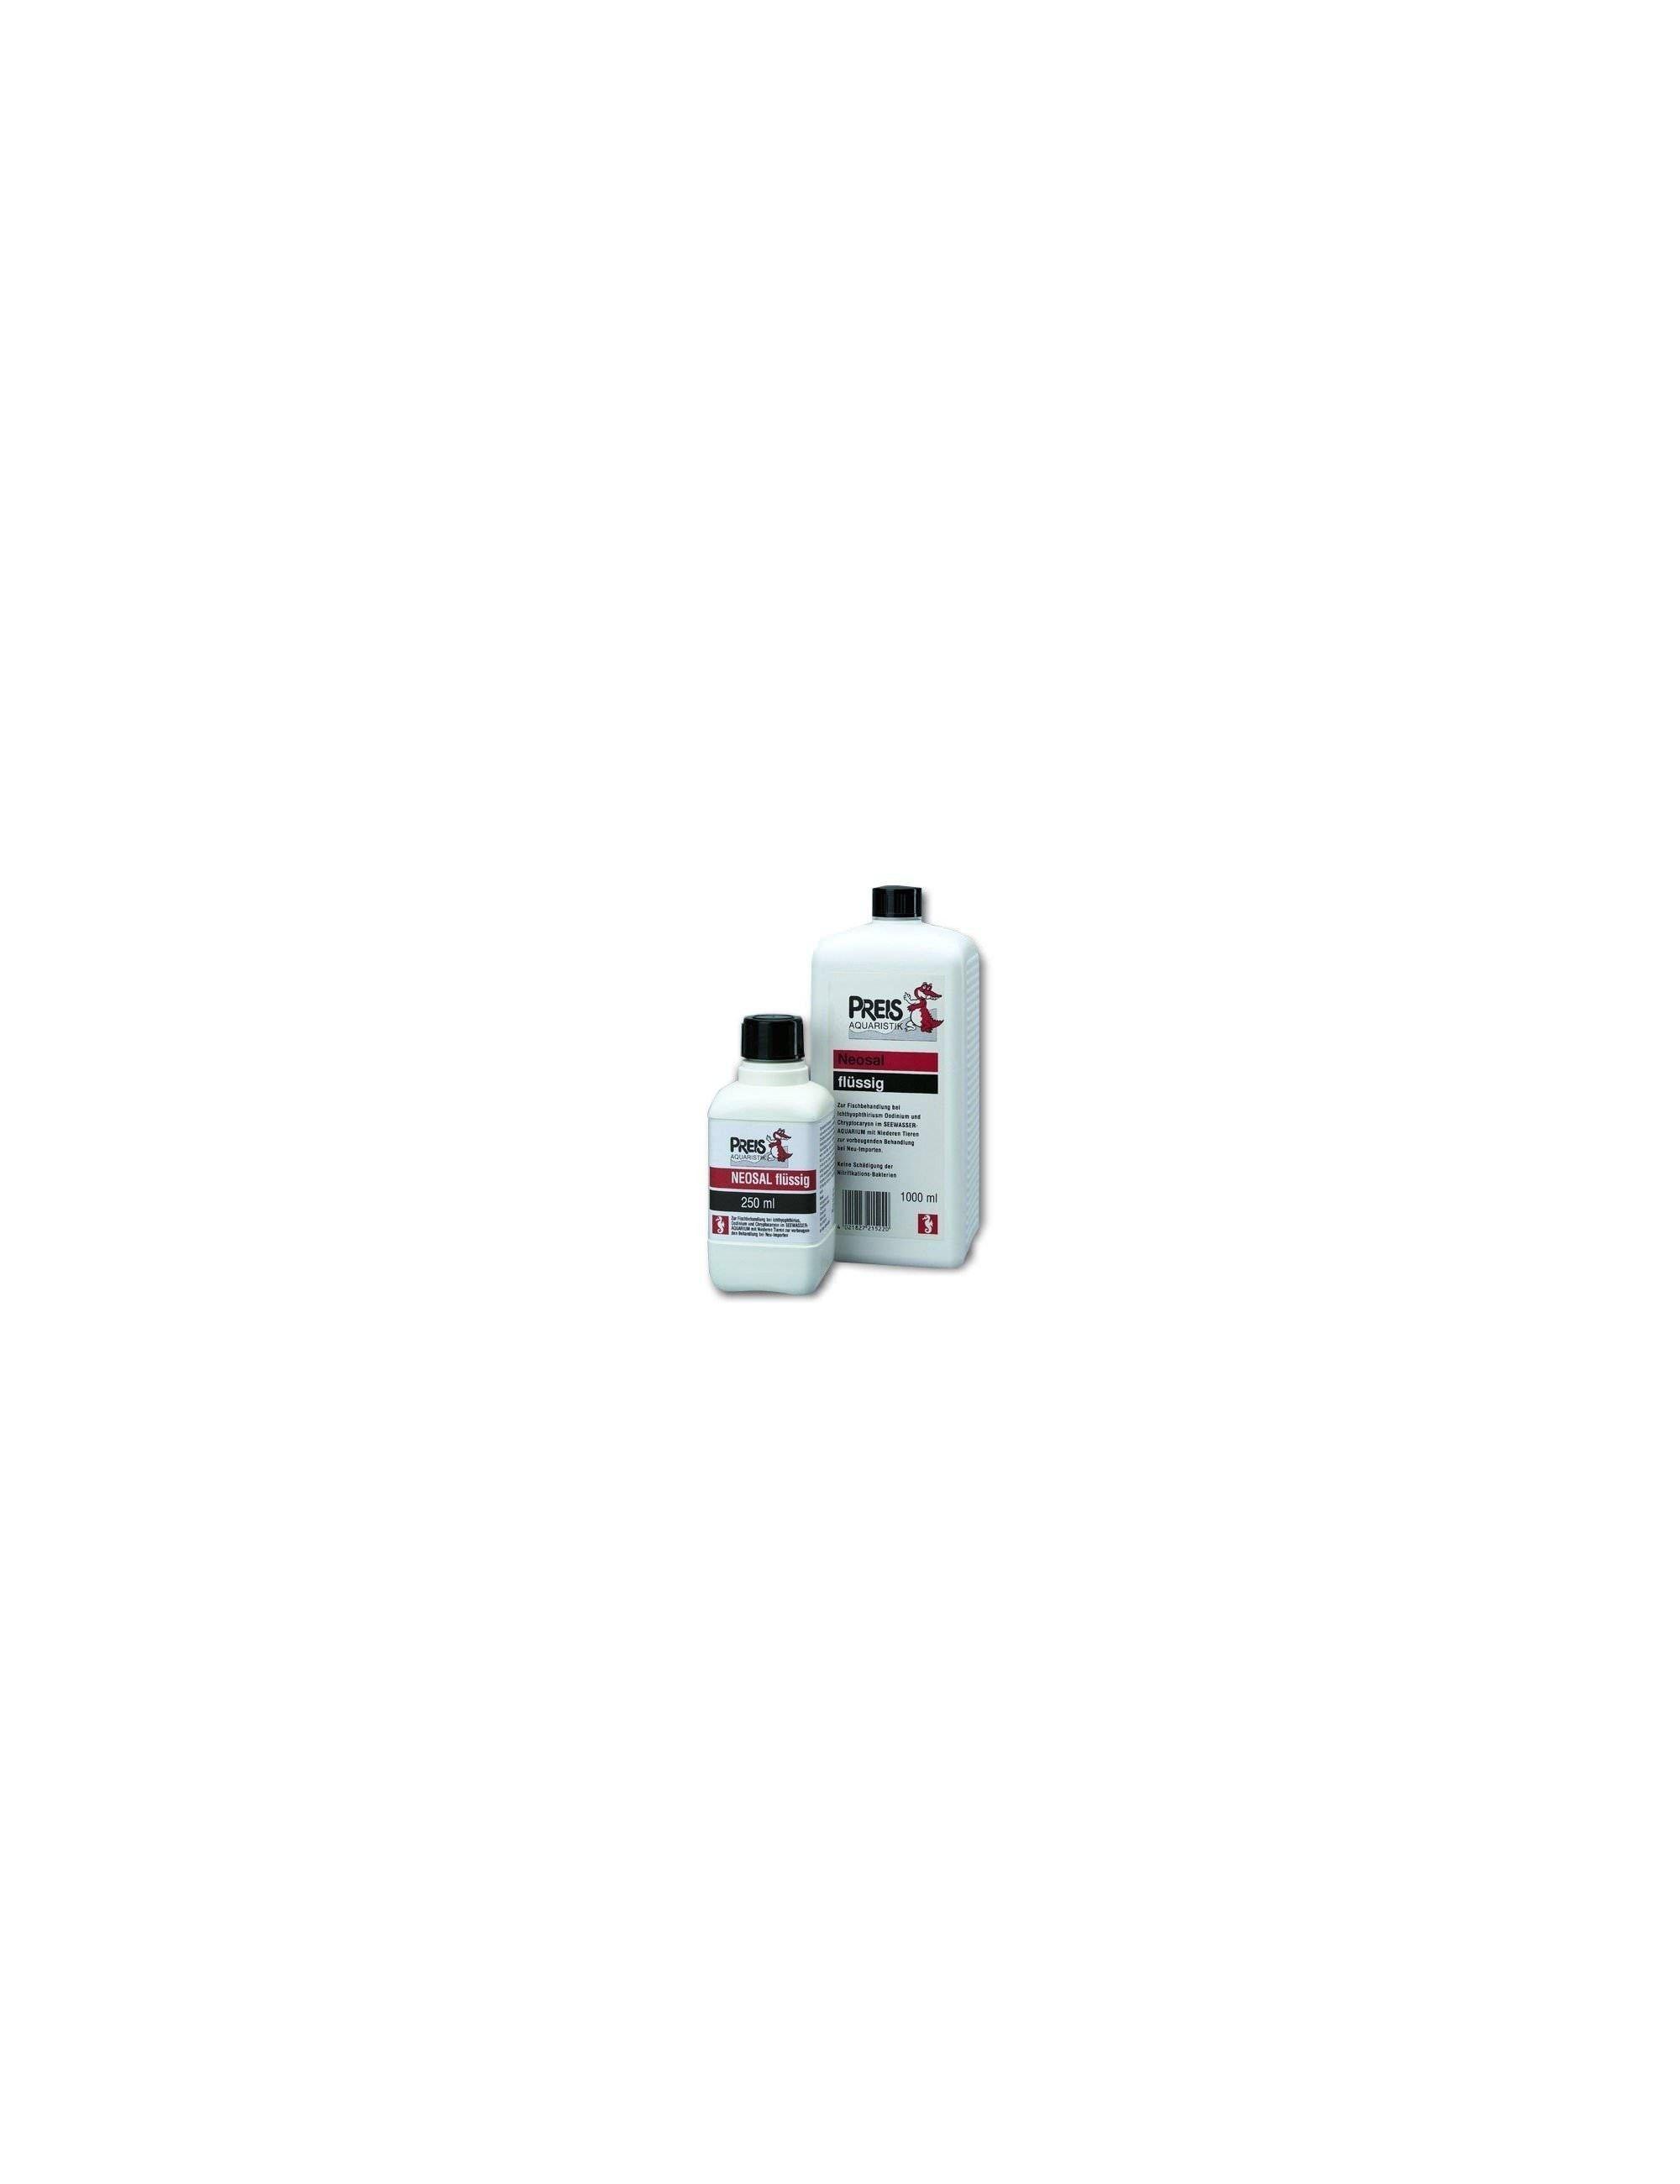 PREIS - Neosal Liquide 250ml